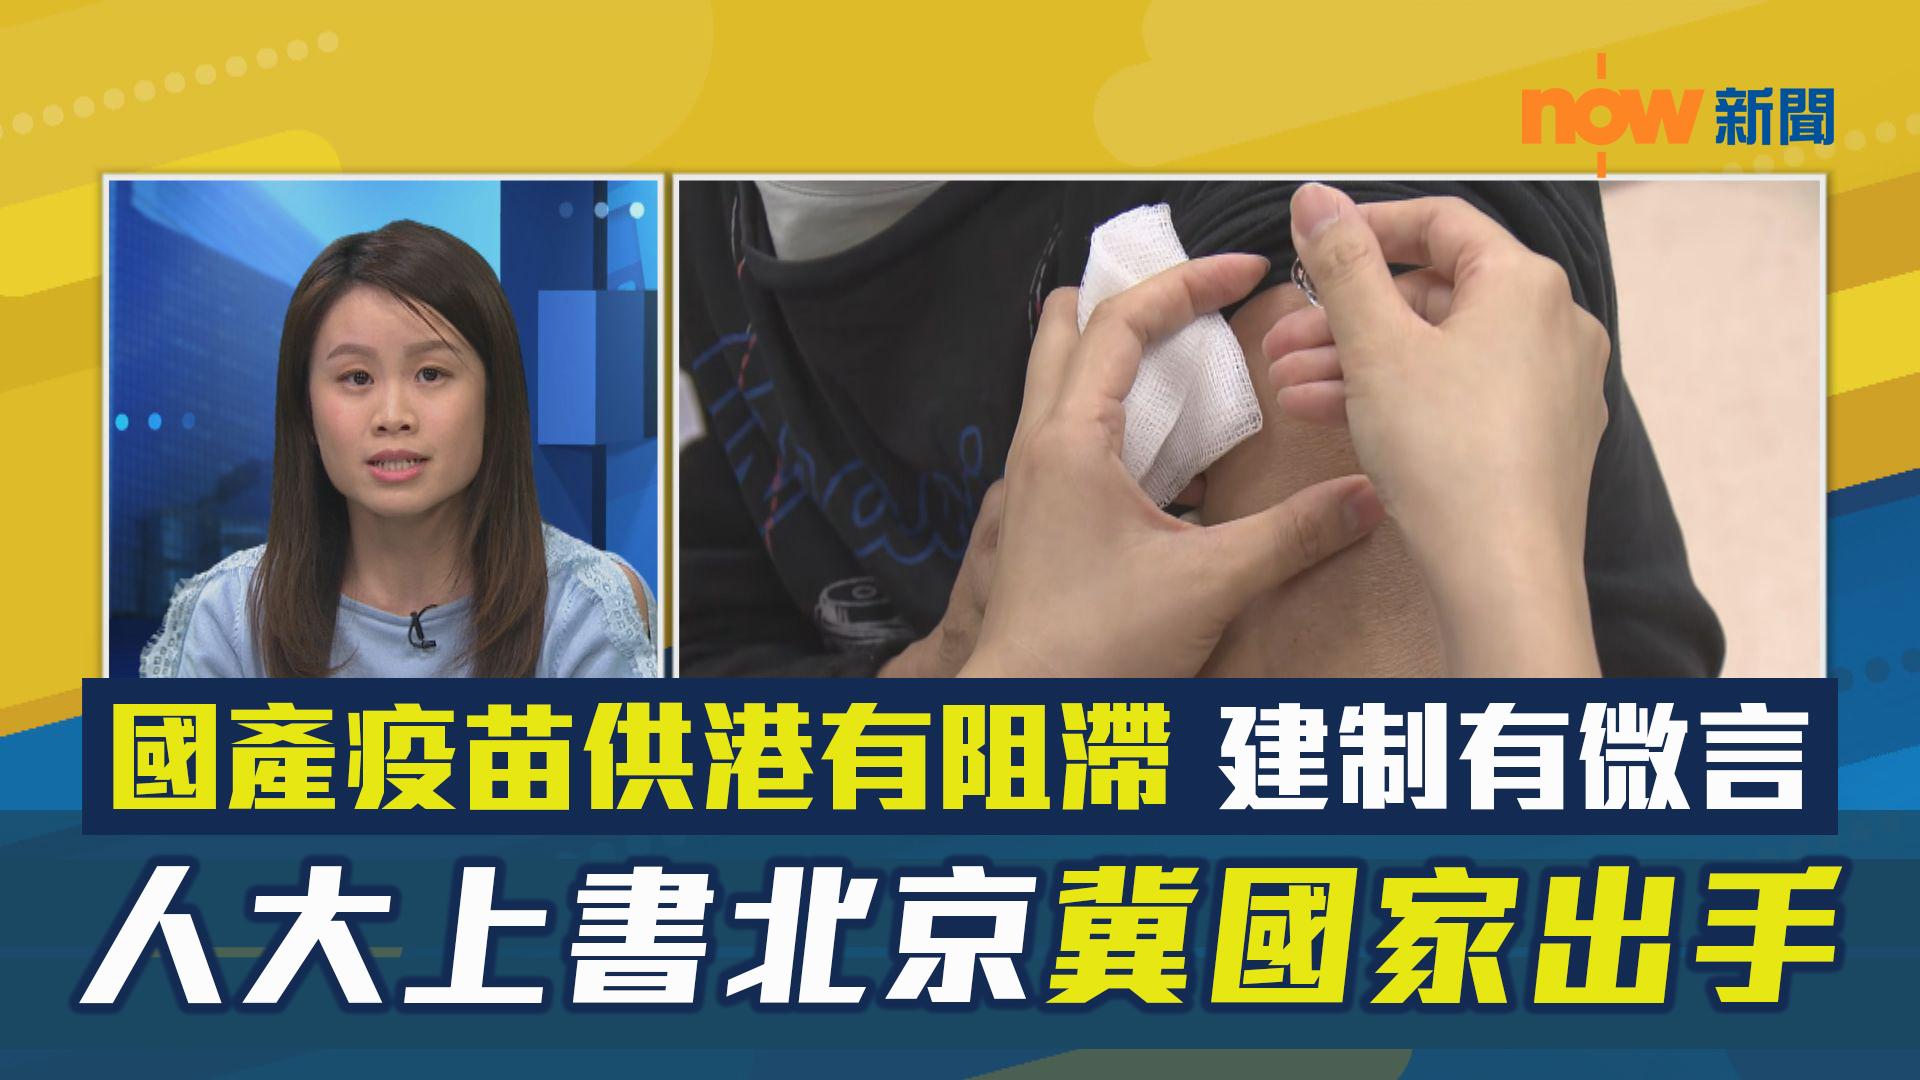 【政情】國產疫苗供港有阻滯 建制有微言 人大上書北京冀國家出手